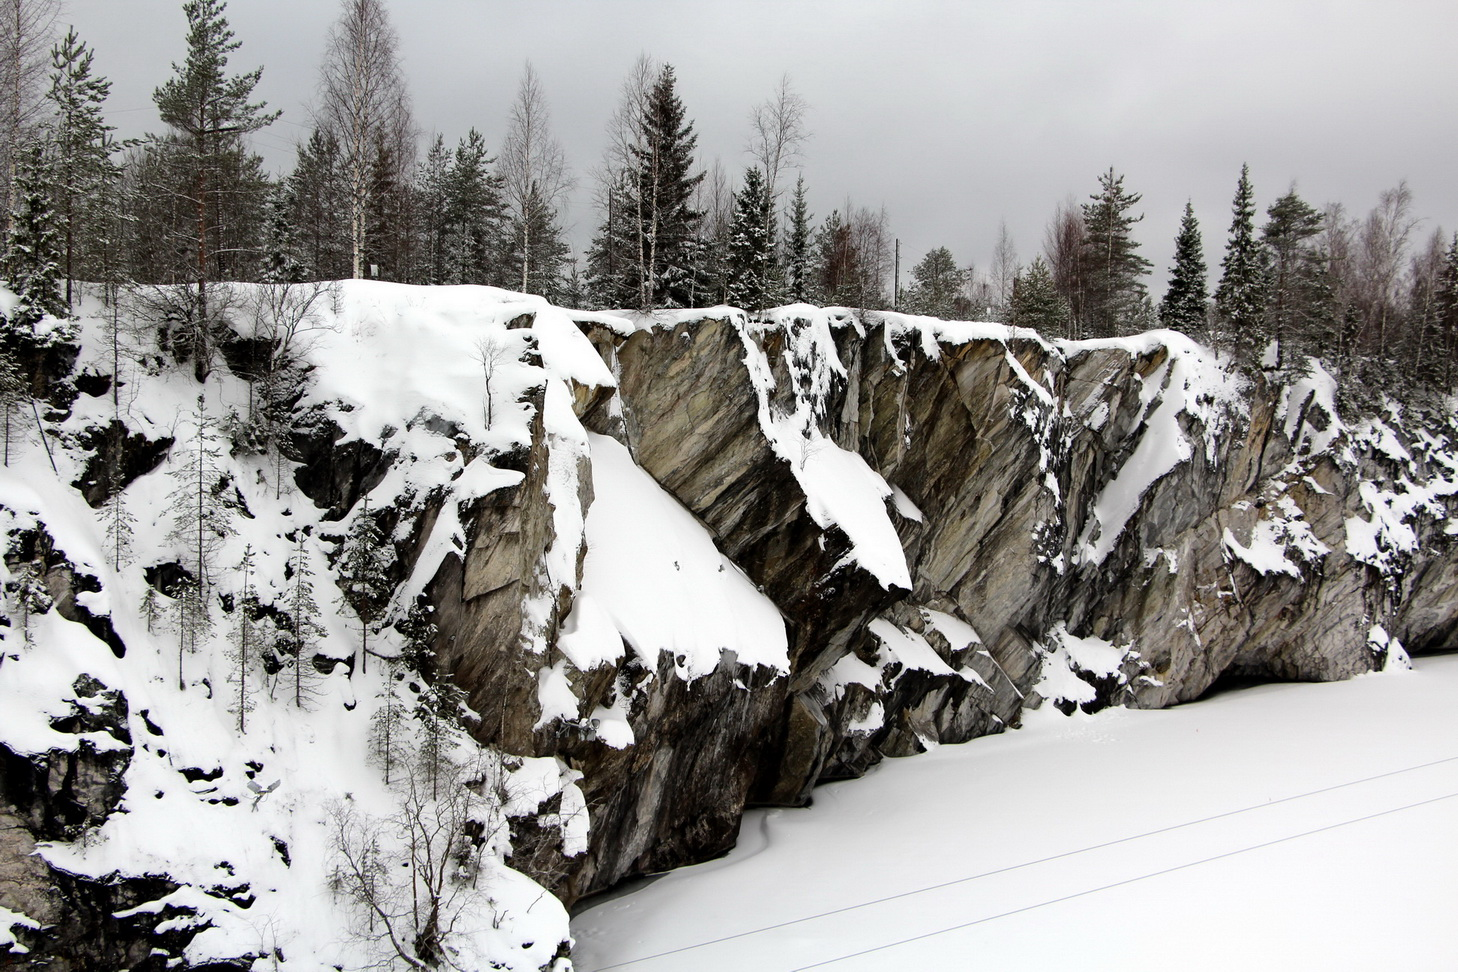 Рускеала, Мраморный каньон зимой.